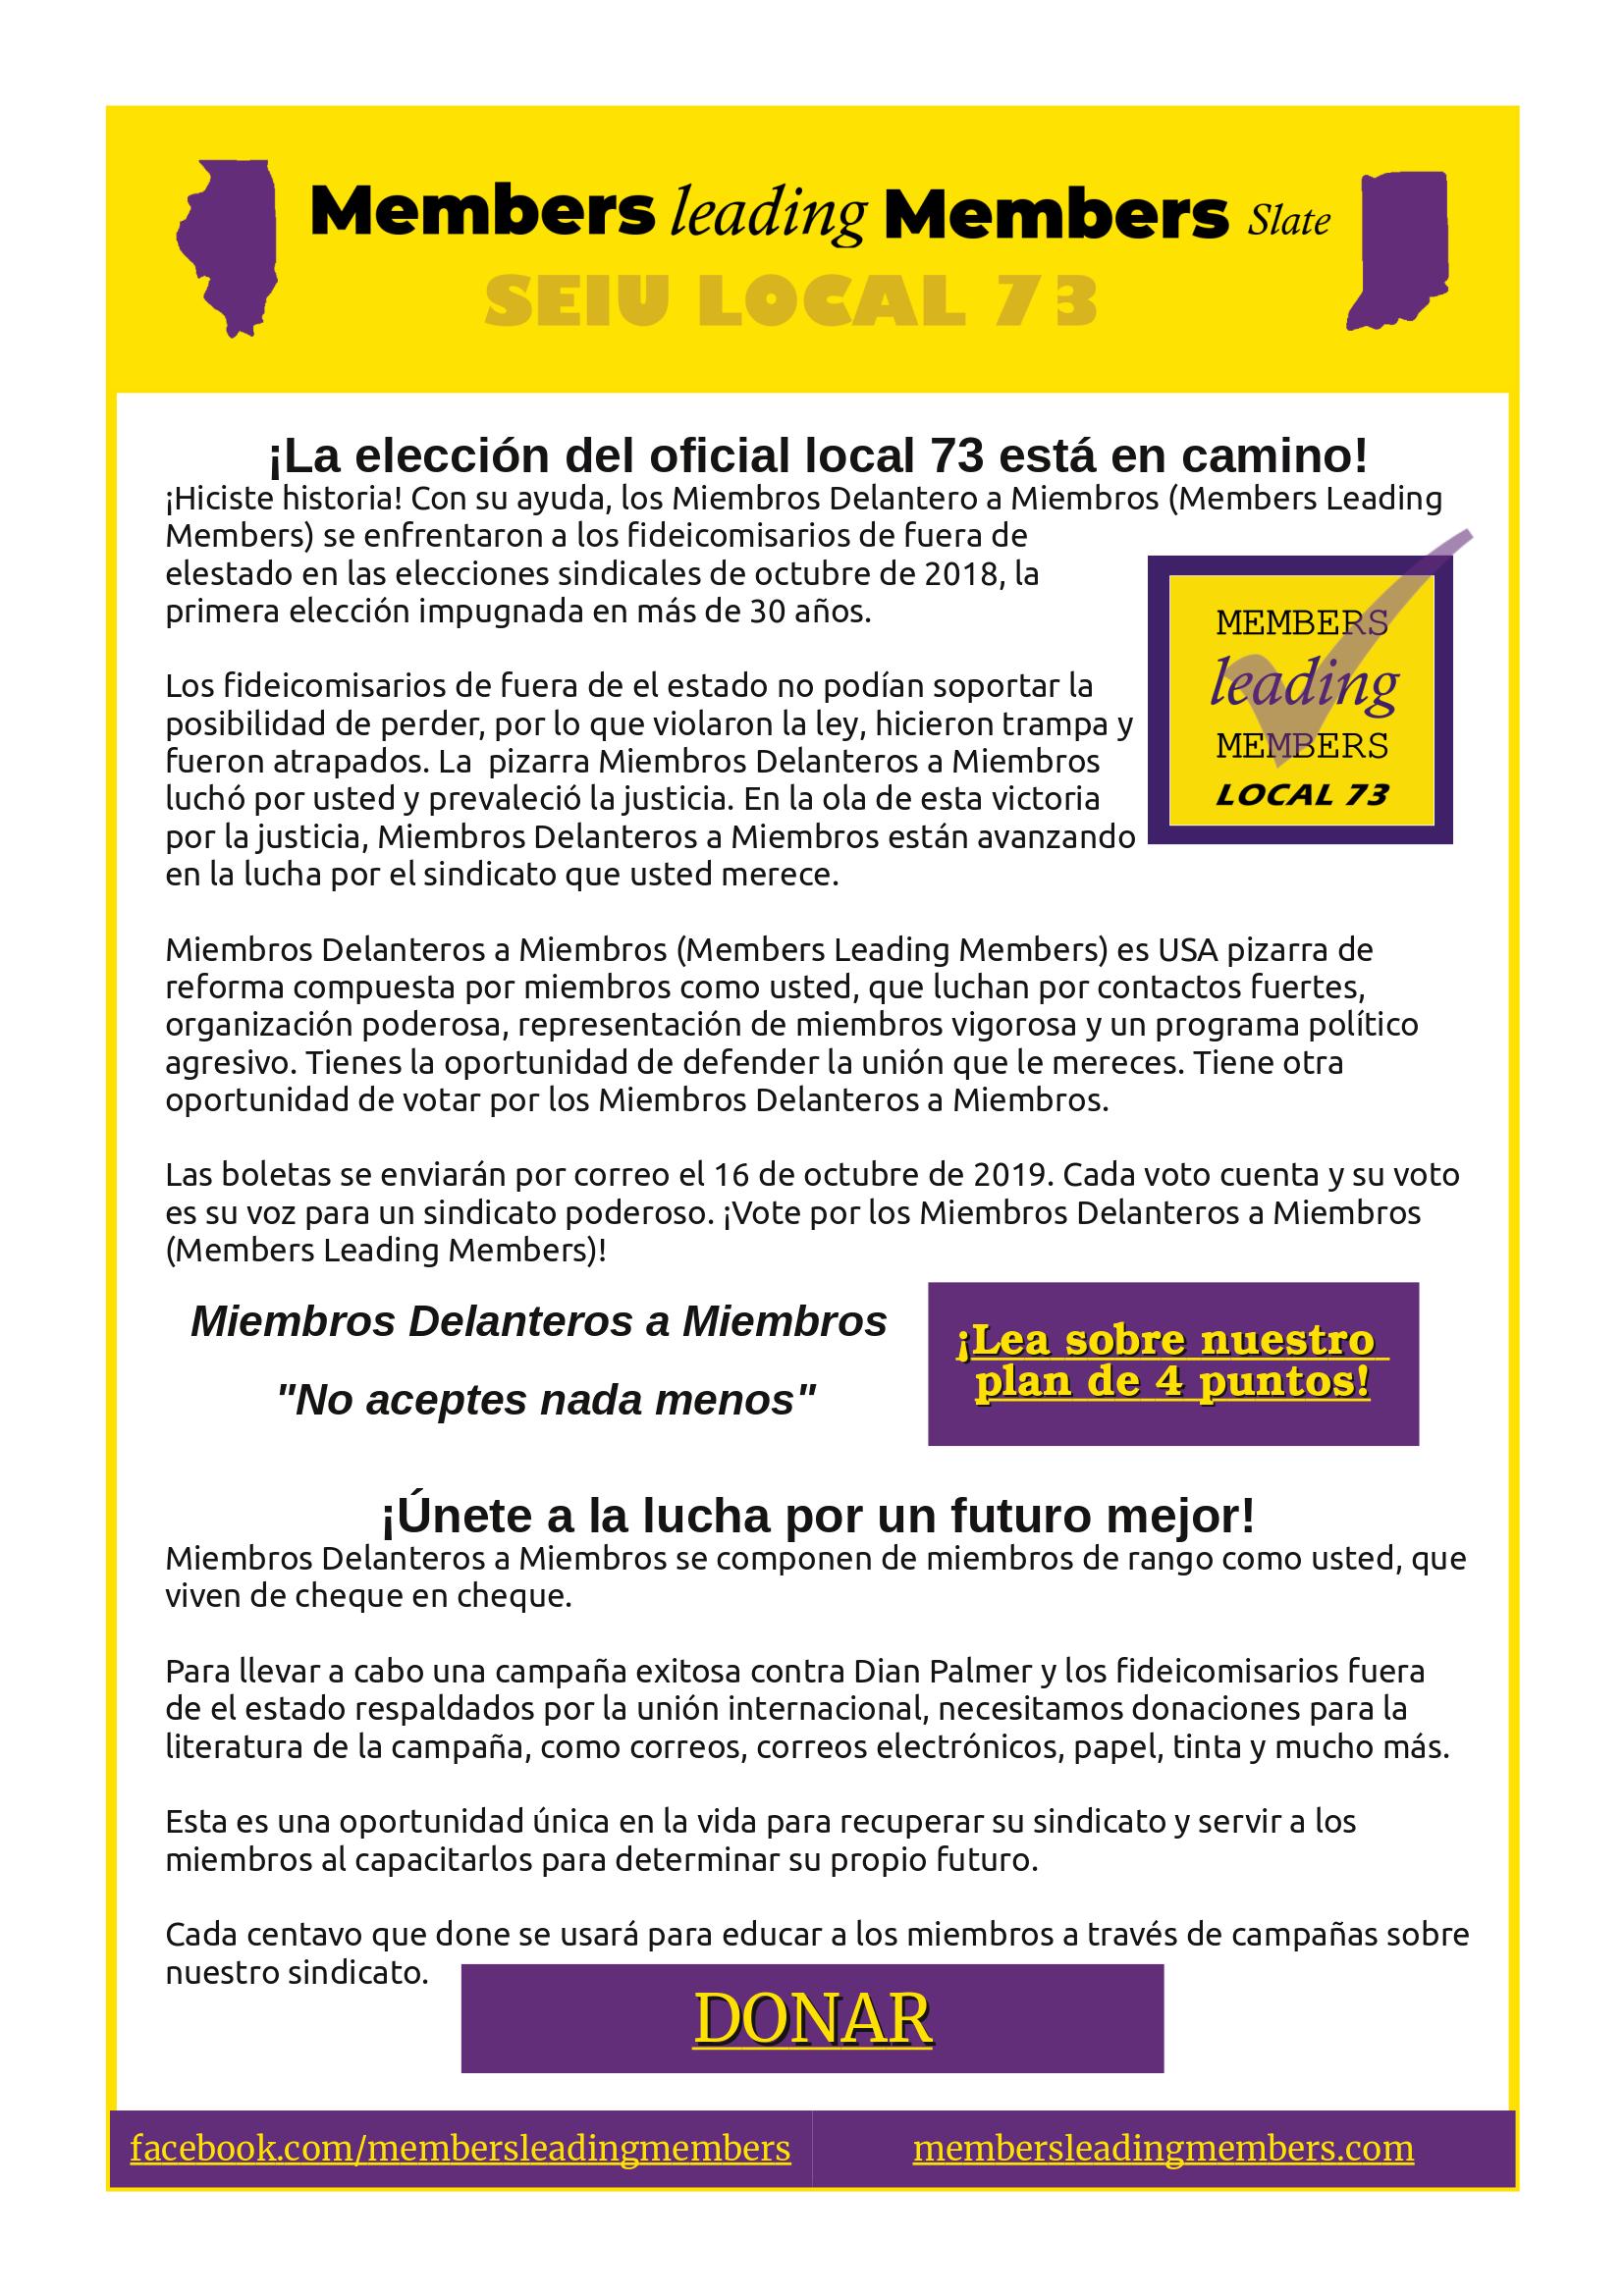 Members Leading Members Flier 08-07-2019 (spanish)-page001.png